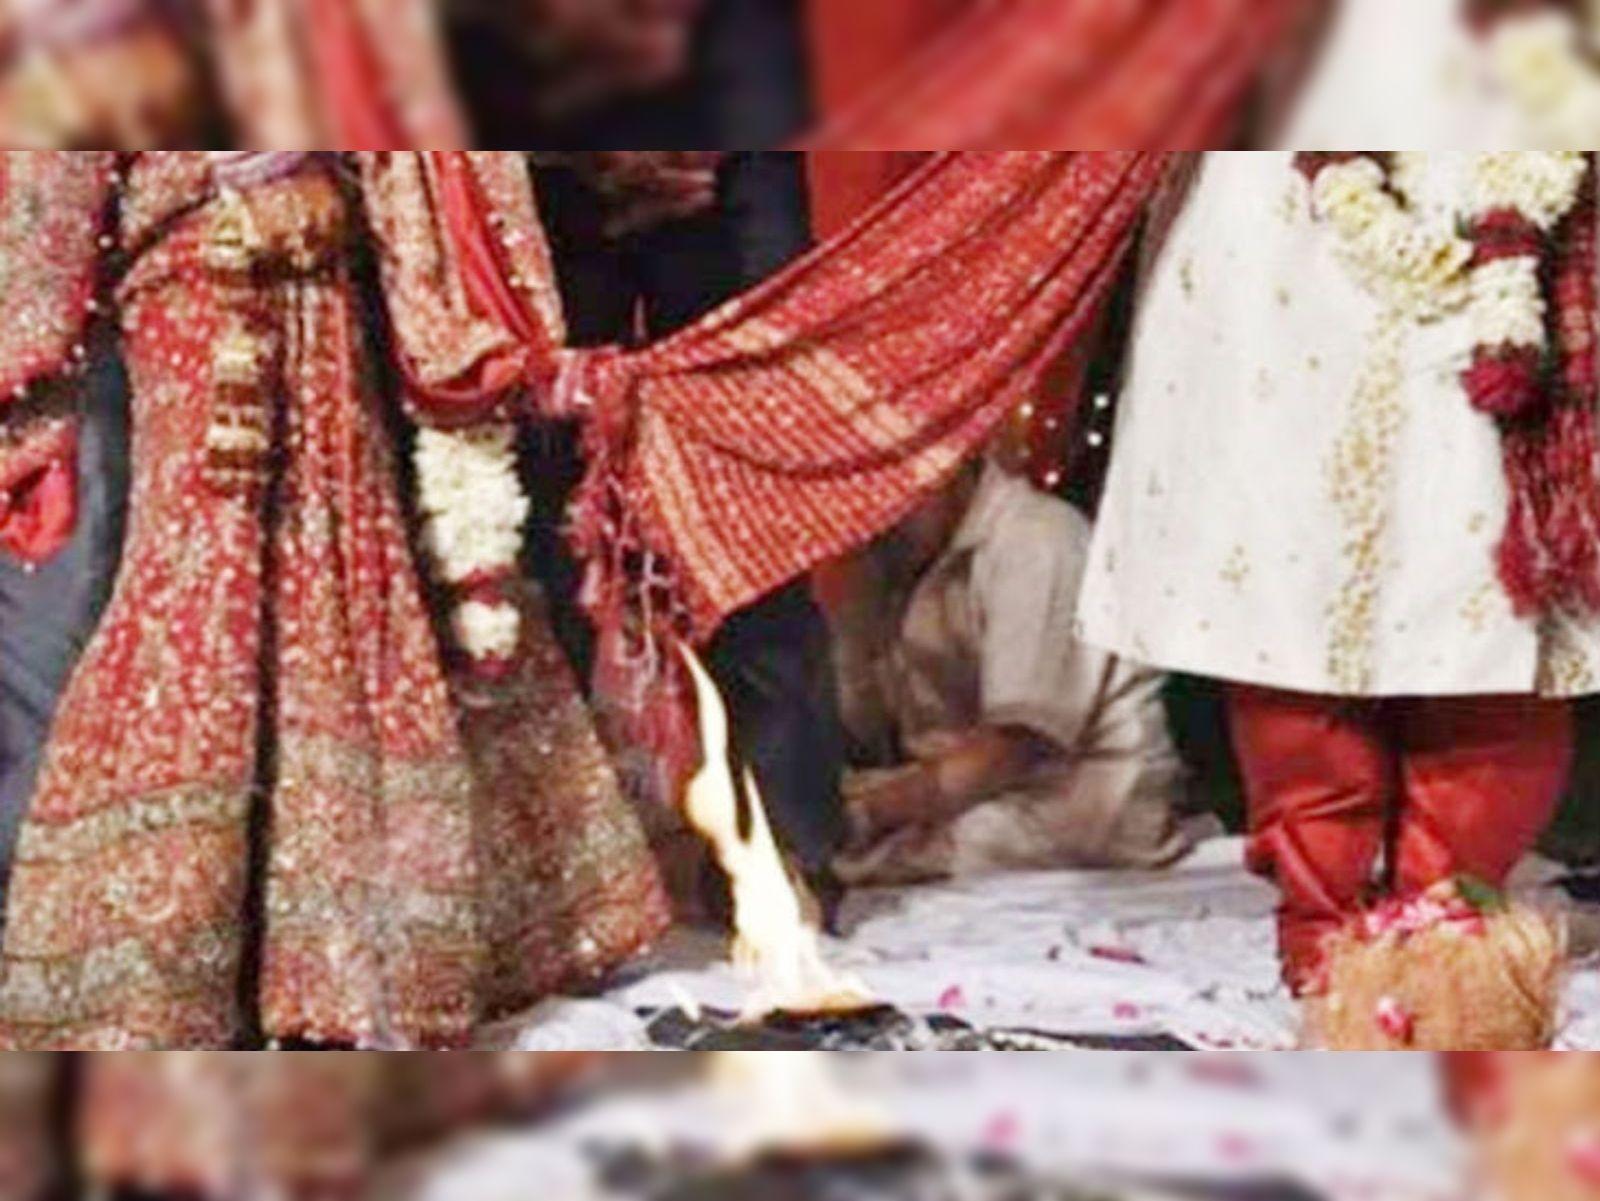 शादी में वर-वधू पक्ष के 20-20 लोगों को मिल सकती है अनुमति|उज्जैन,Ujjain - Dainik Bhaskar